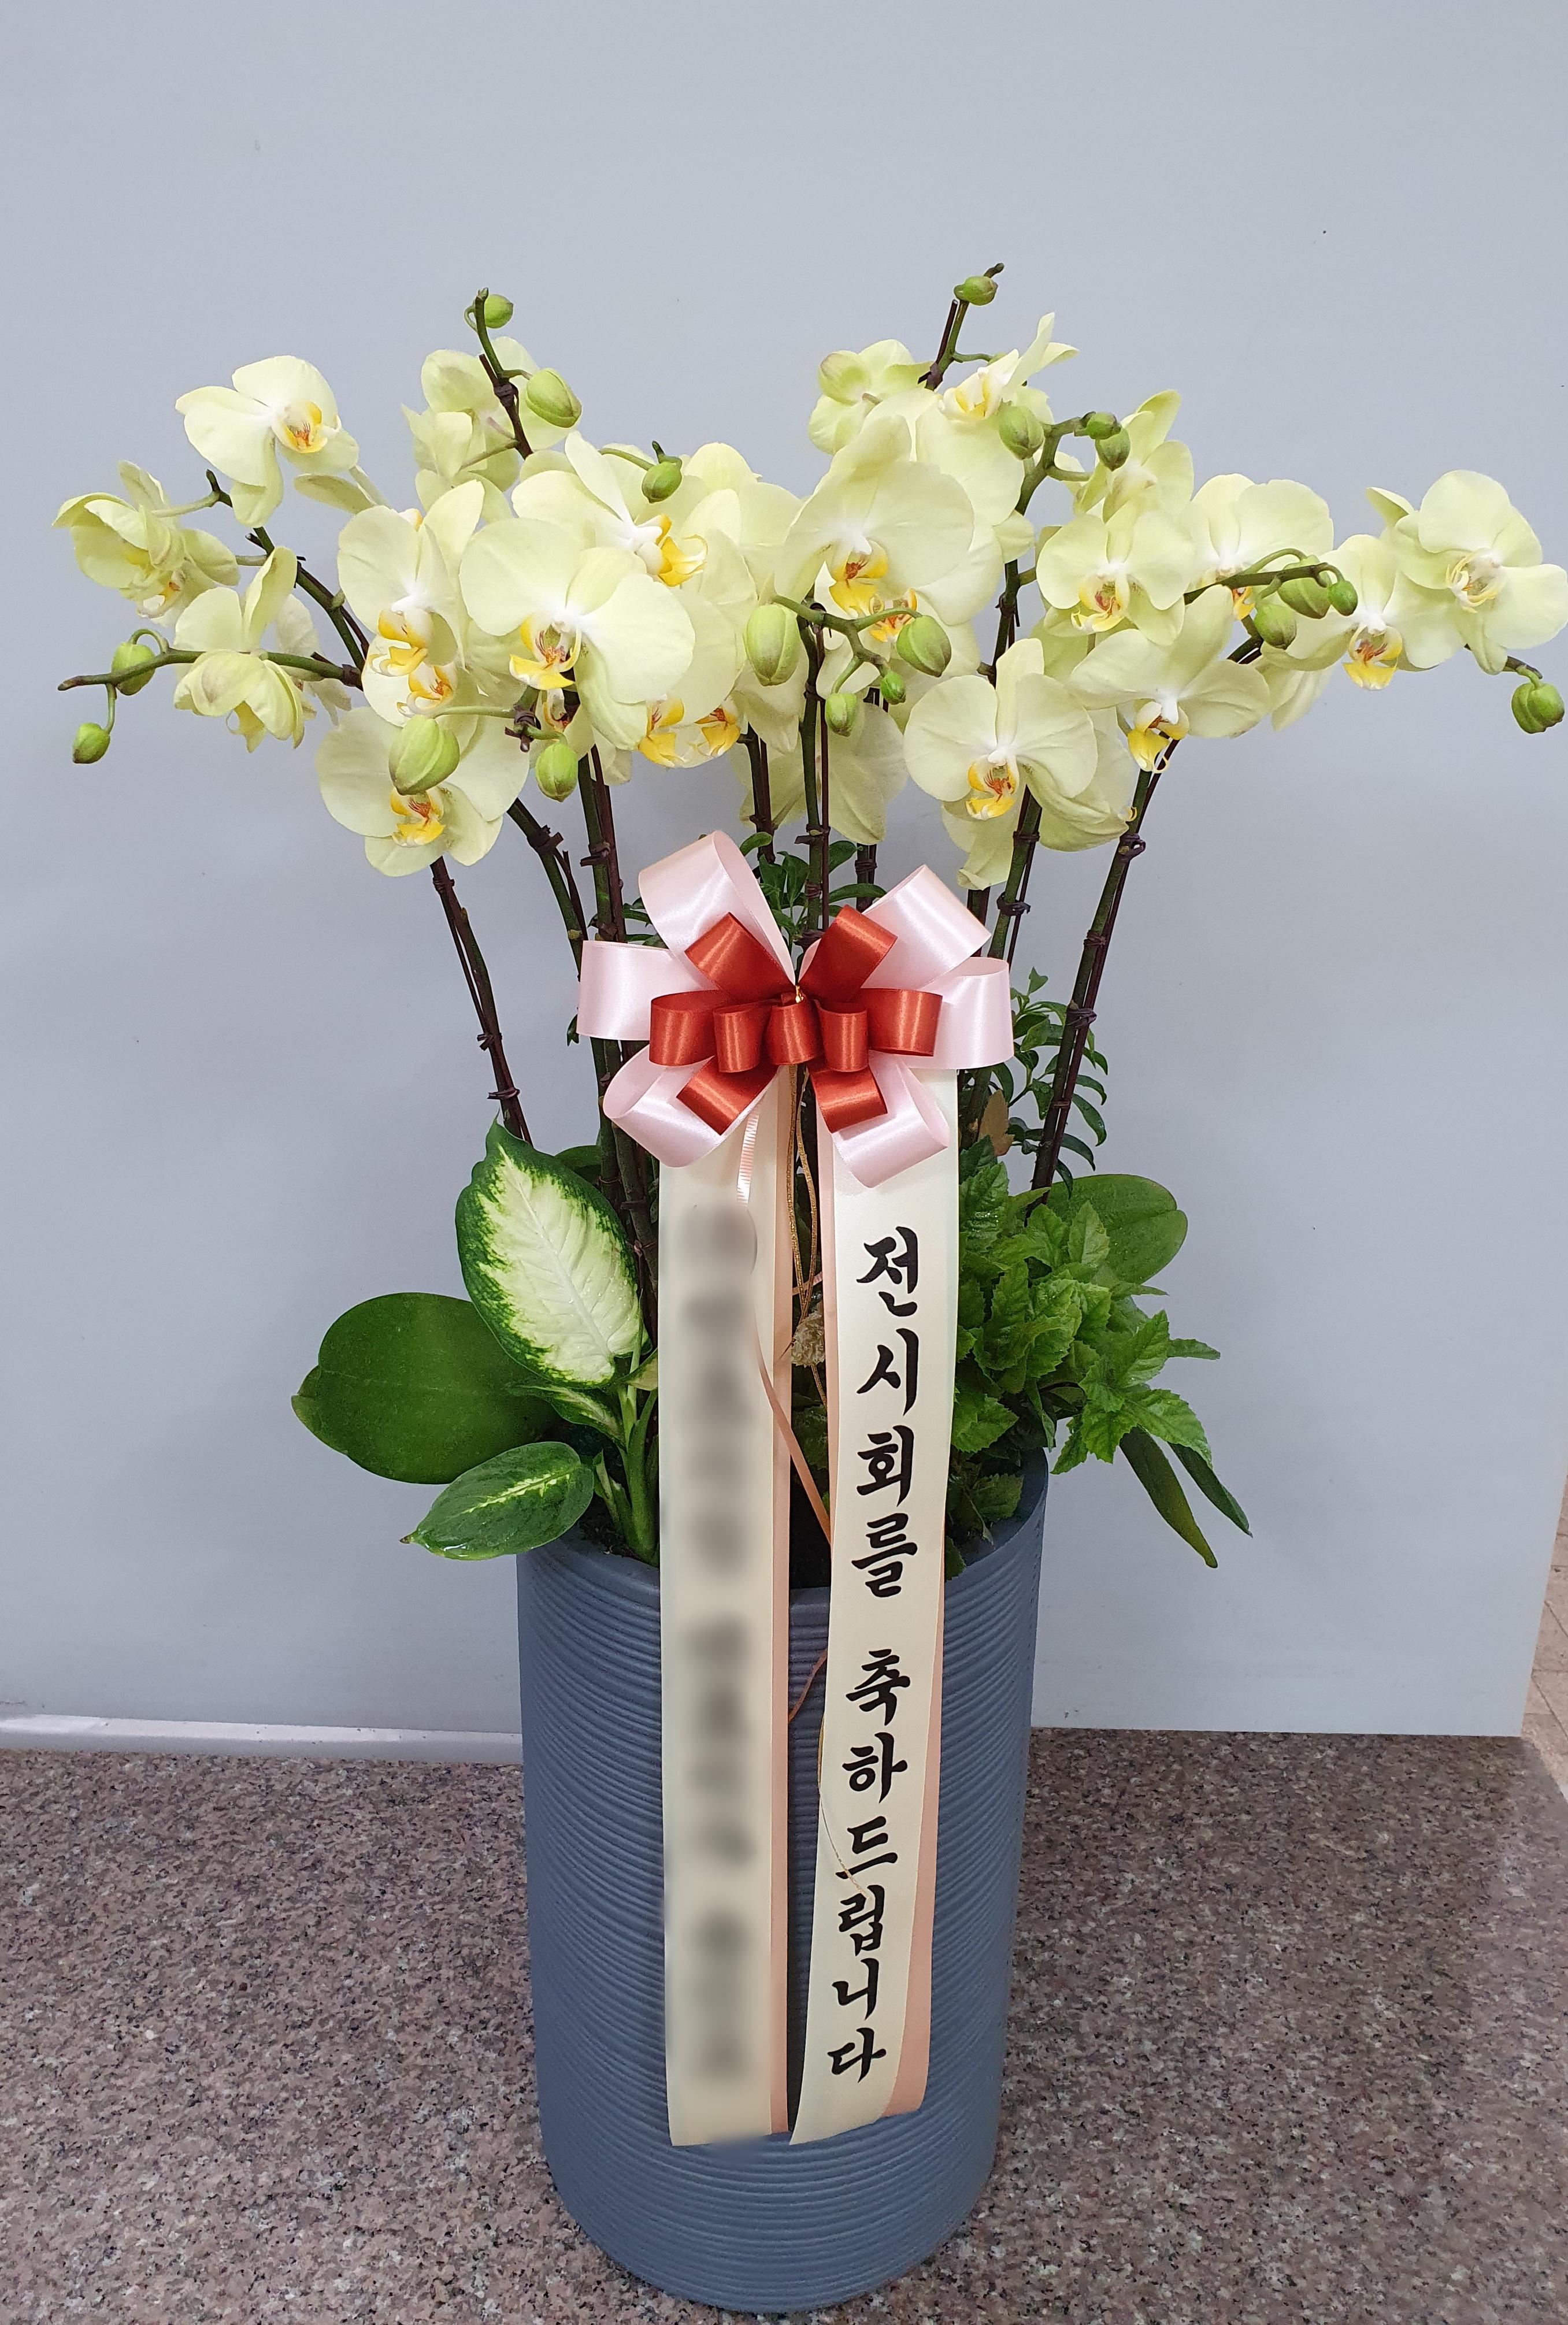 주문자 (주)인ㅇㅇ 경기 성남으로 배송된 상품사진입니다